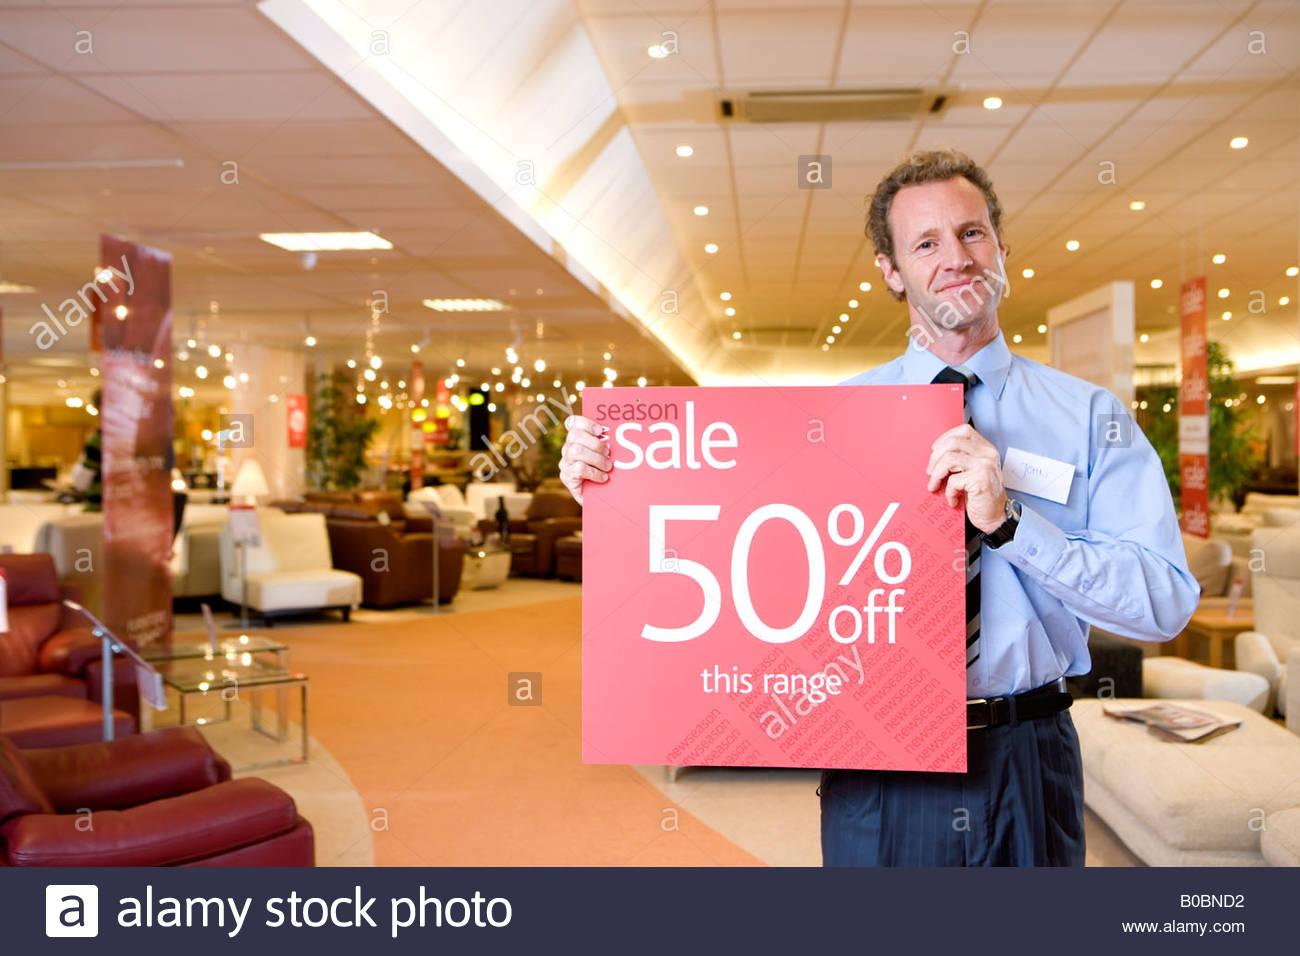 Vendeur avec 'sale' ouvrir une boutique de meubles, smiling, portrait Banque D'Images